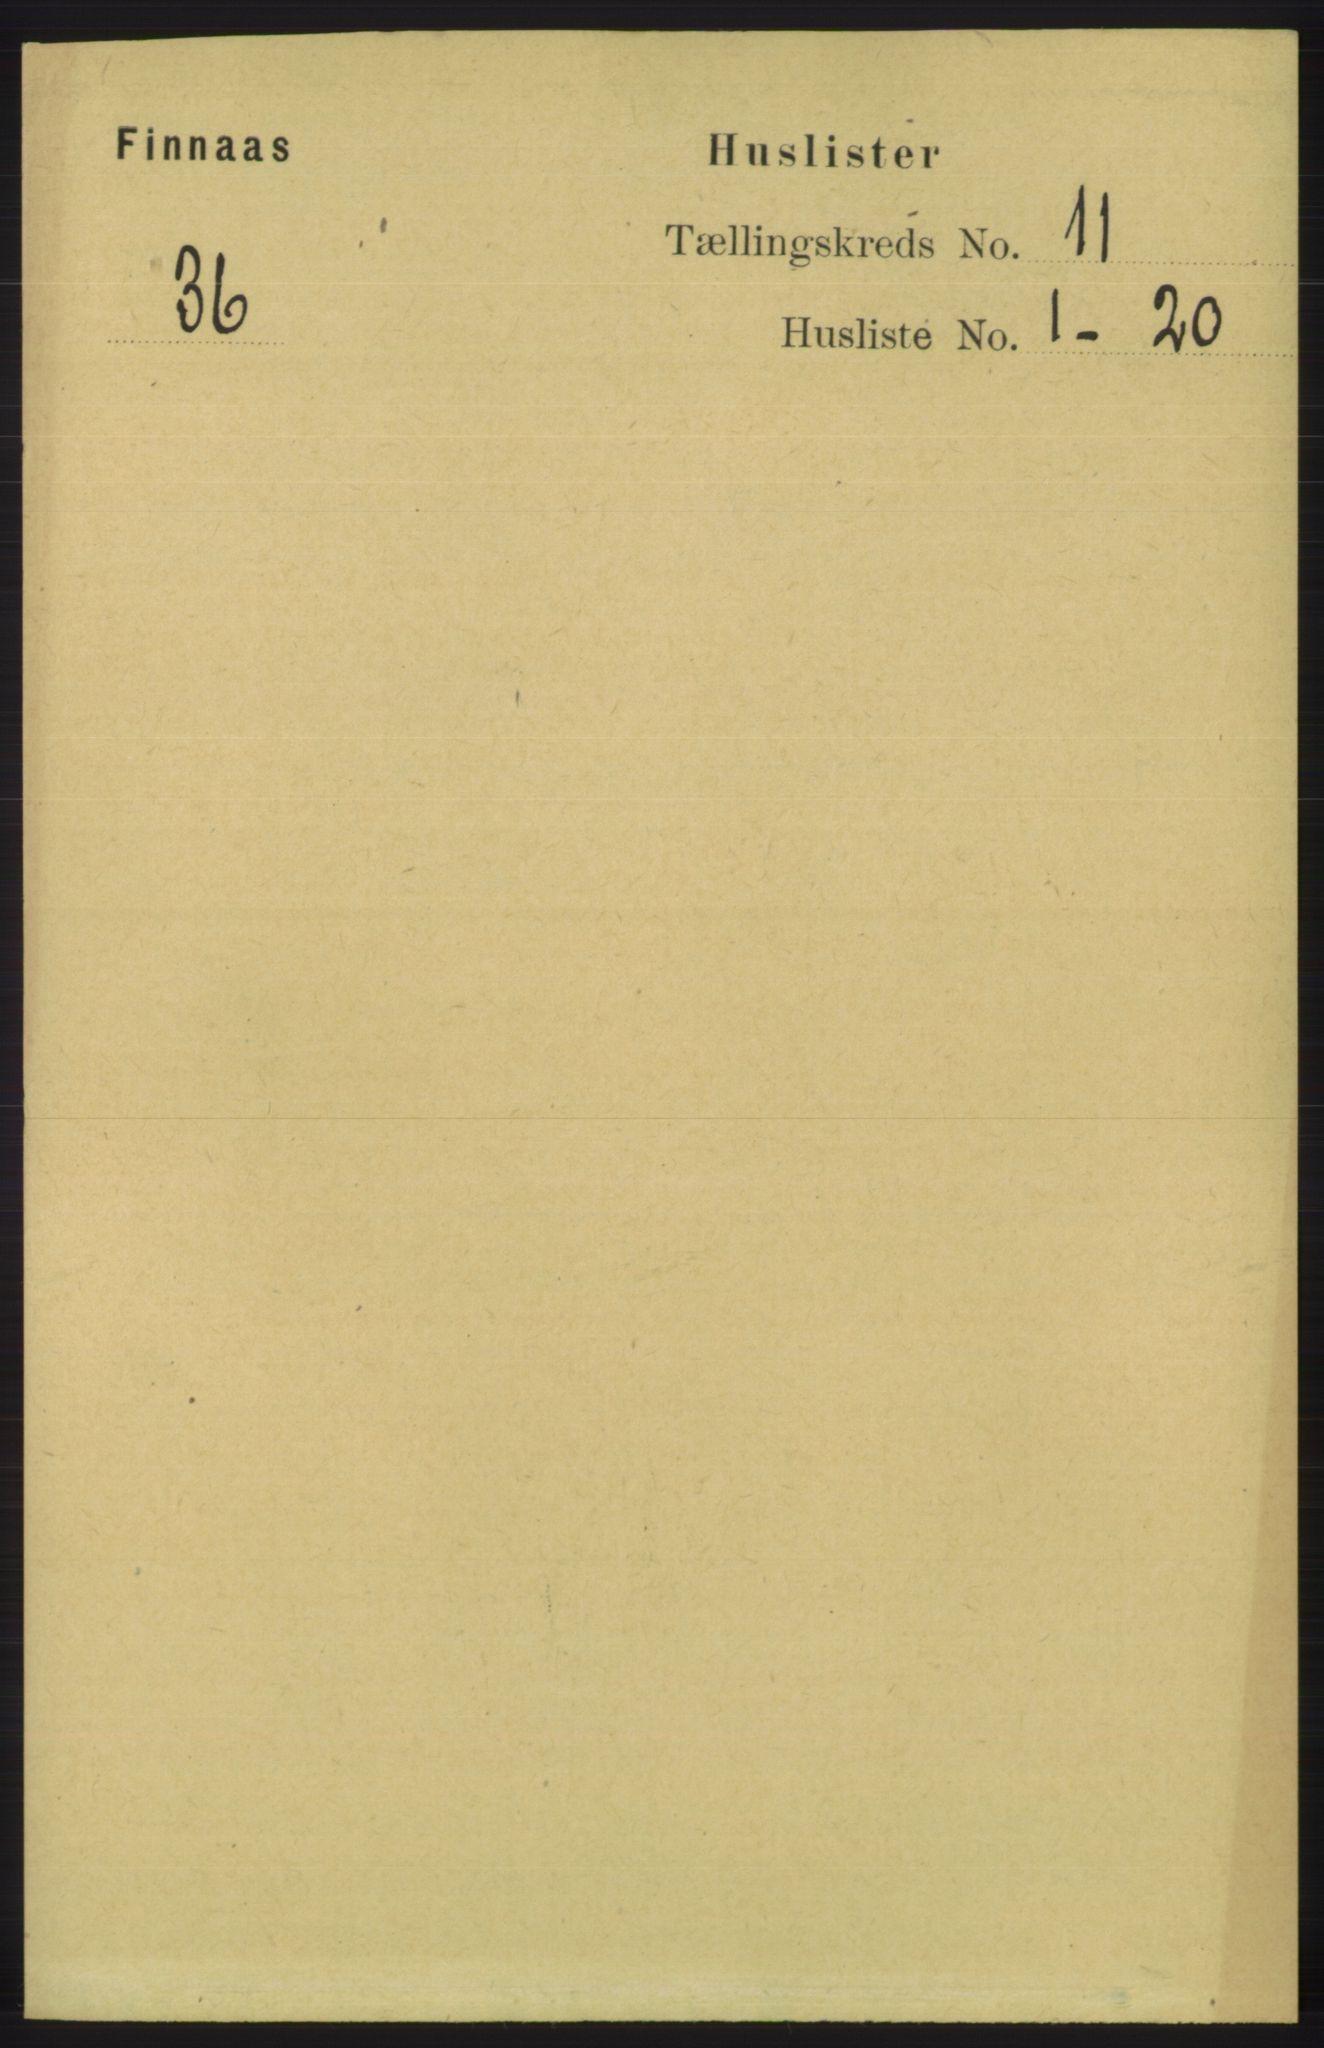 RA, Folketelling 1891 for 1218 Finnås herred, 1891, s. 5102